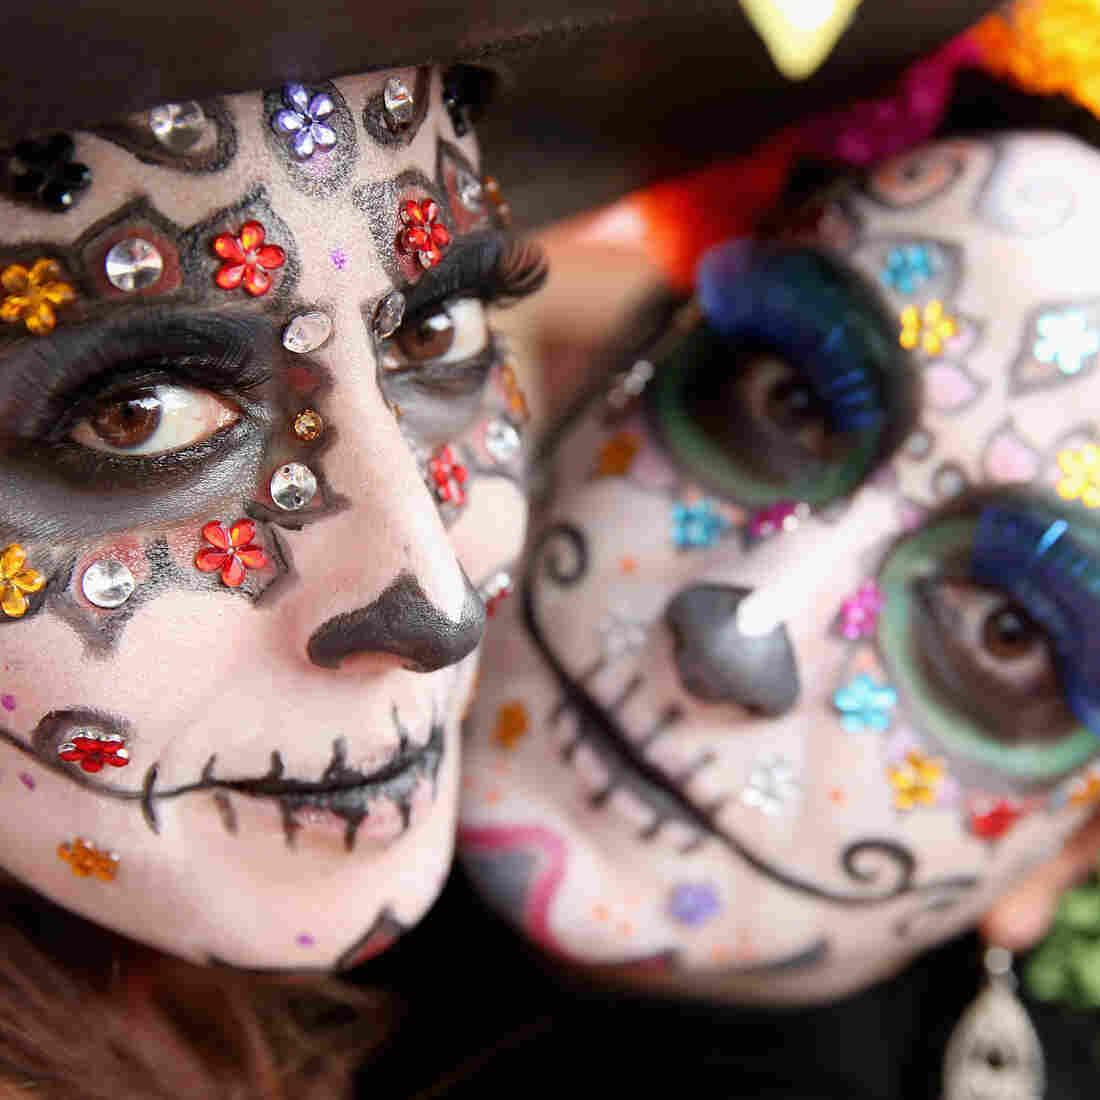 Día De Los Muertos: Alt.Latino's Sonic Altar